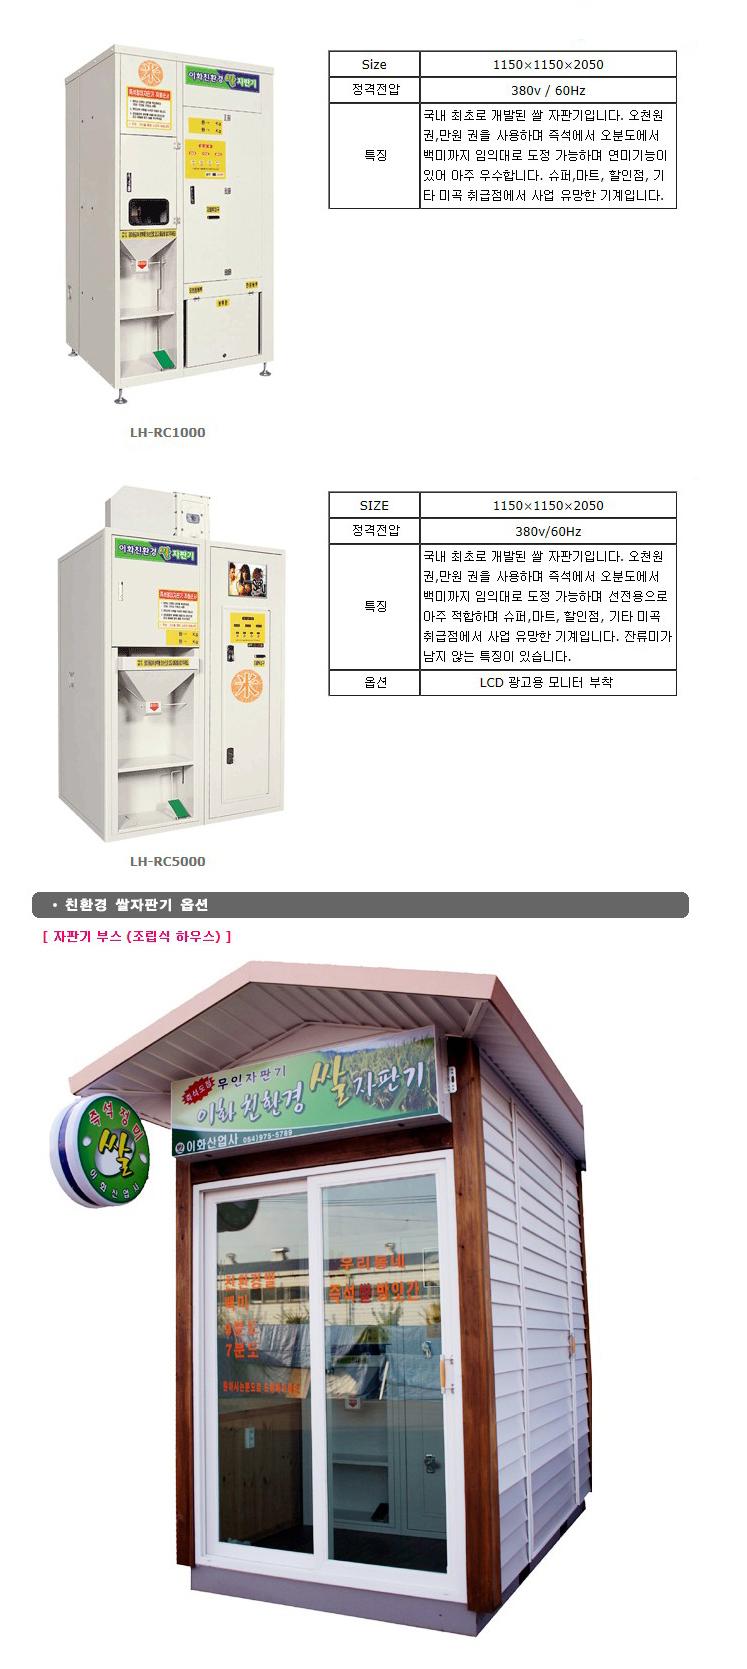 이화산업사 친환경 쌀자판기